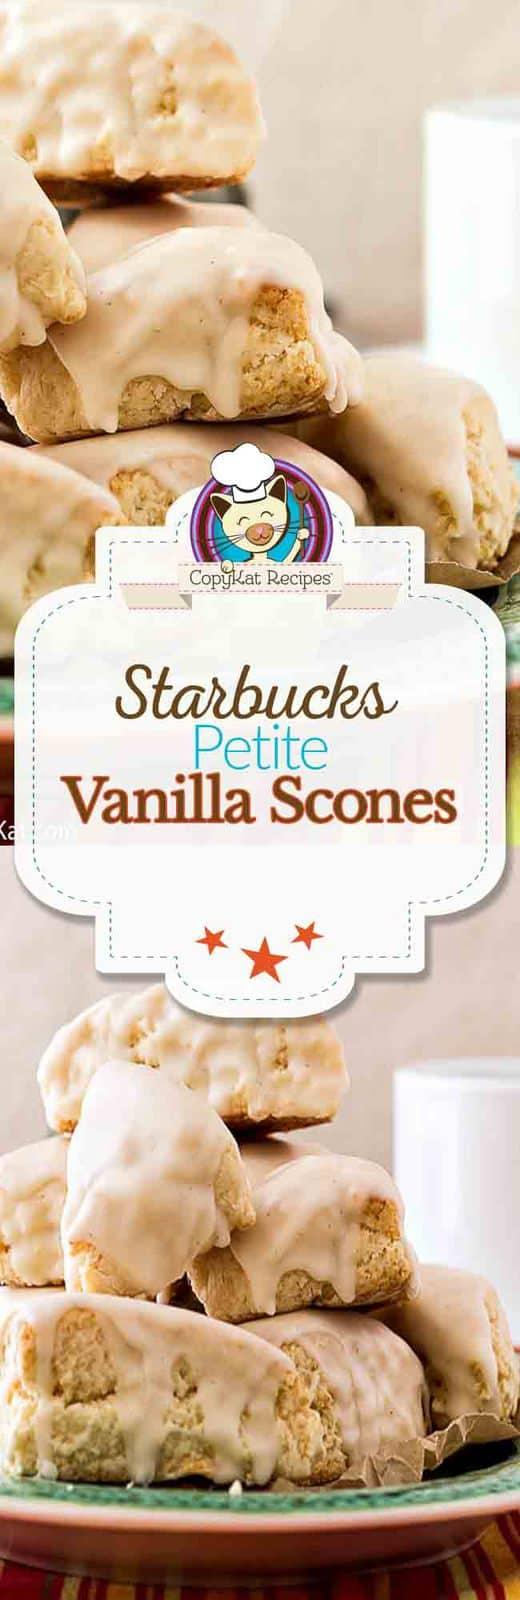 Make this copycat recipe for Starbucks Petite Vanilla Scones.  This copycat recipe just  like the original. #starbucks #scones #copycat #copycatrecipe #intheoven #baking #baked #homemade